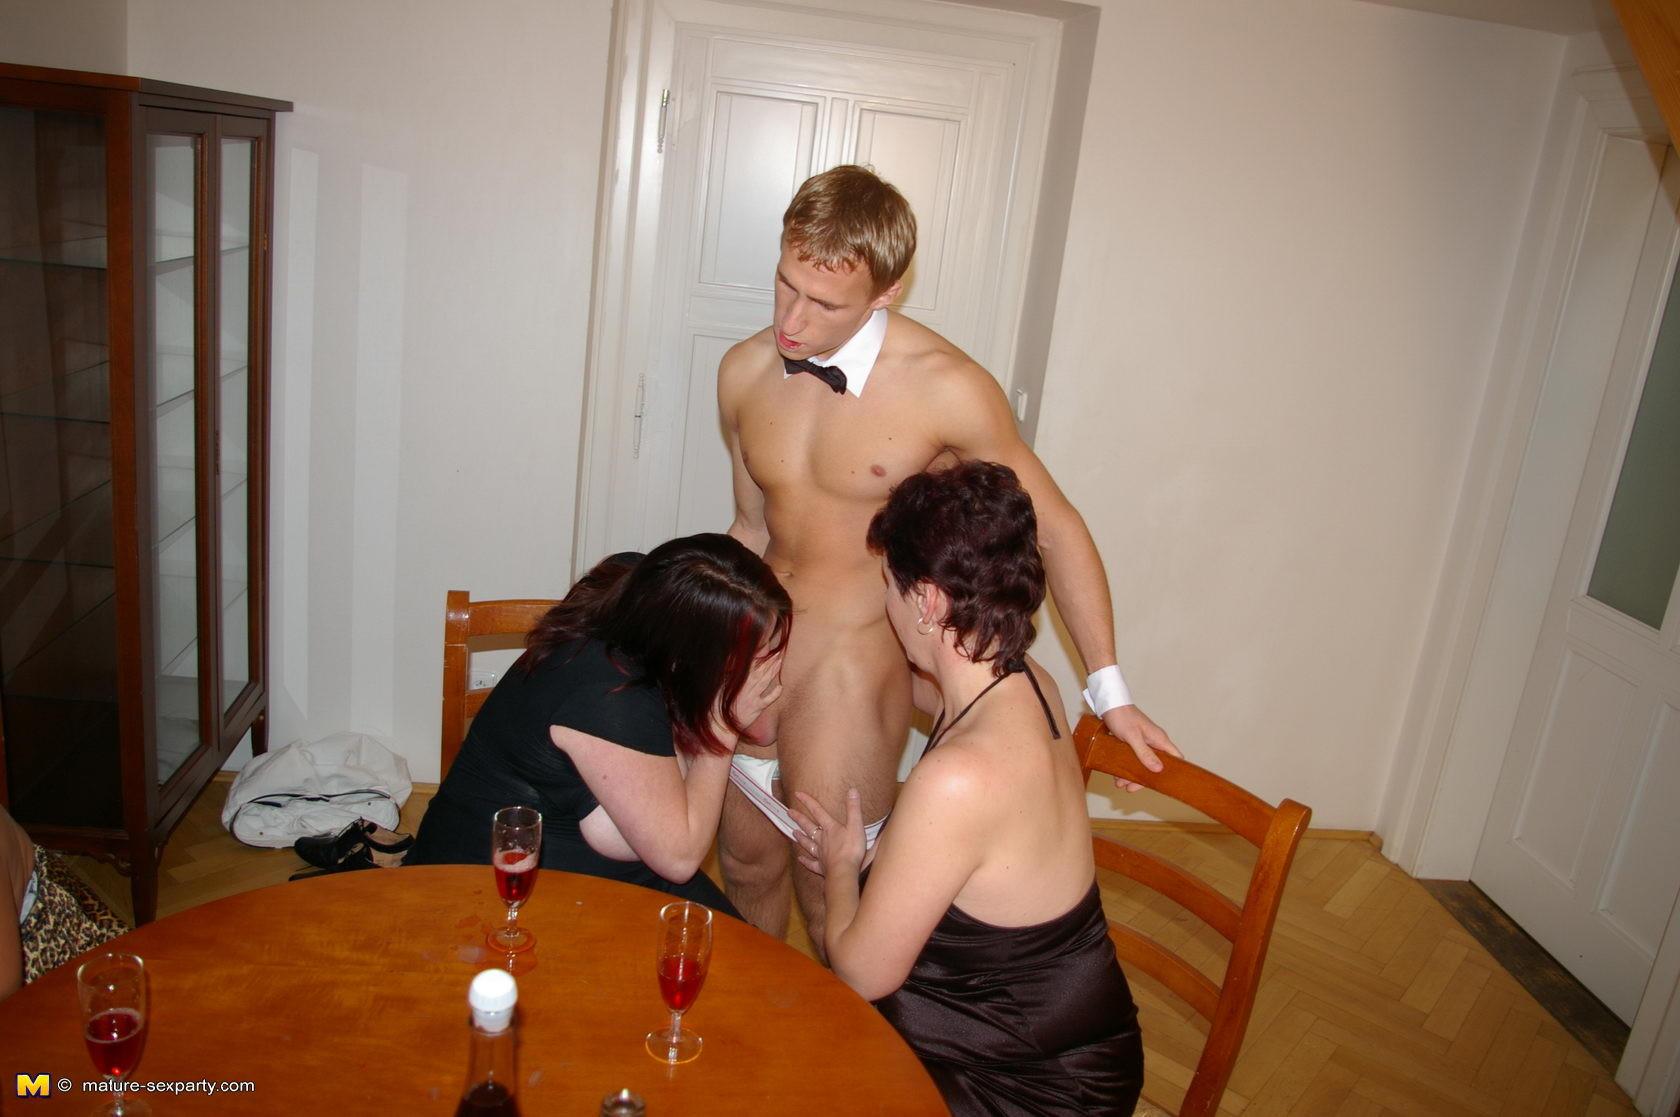 Юноша со зрелой, Порно зрелых с молодыми онлайн бесплатно - Новинки 12 фотография